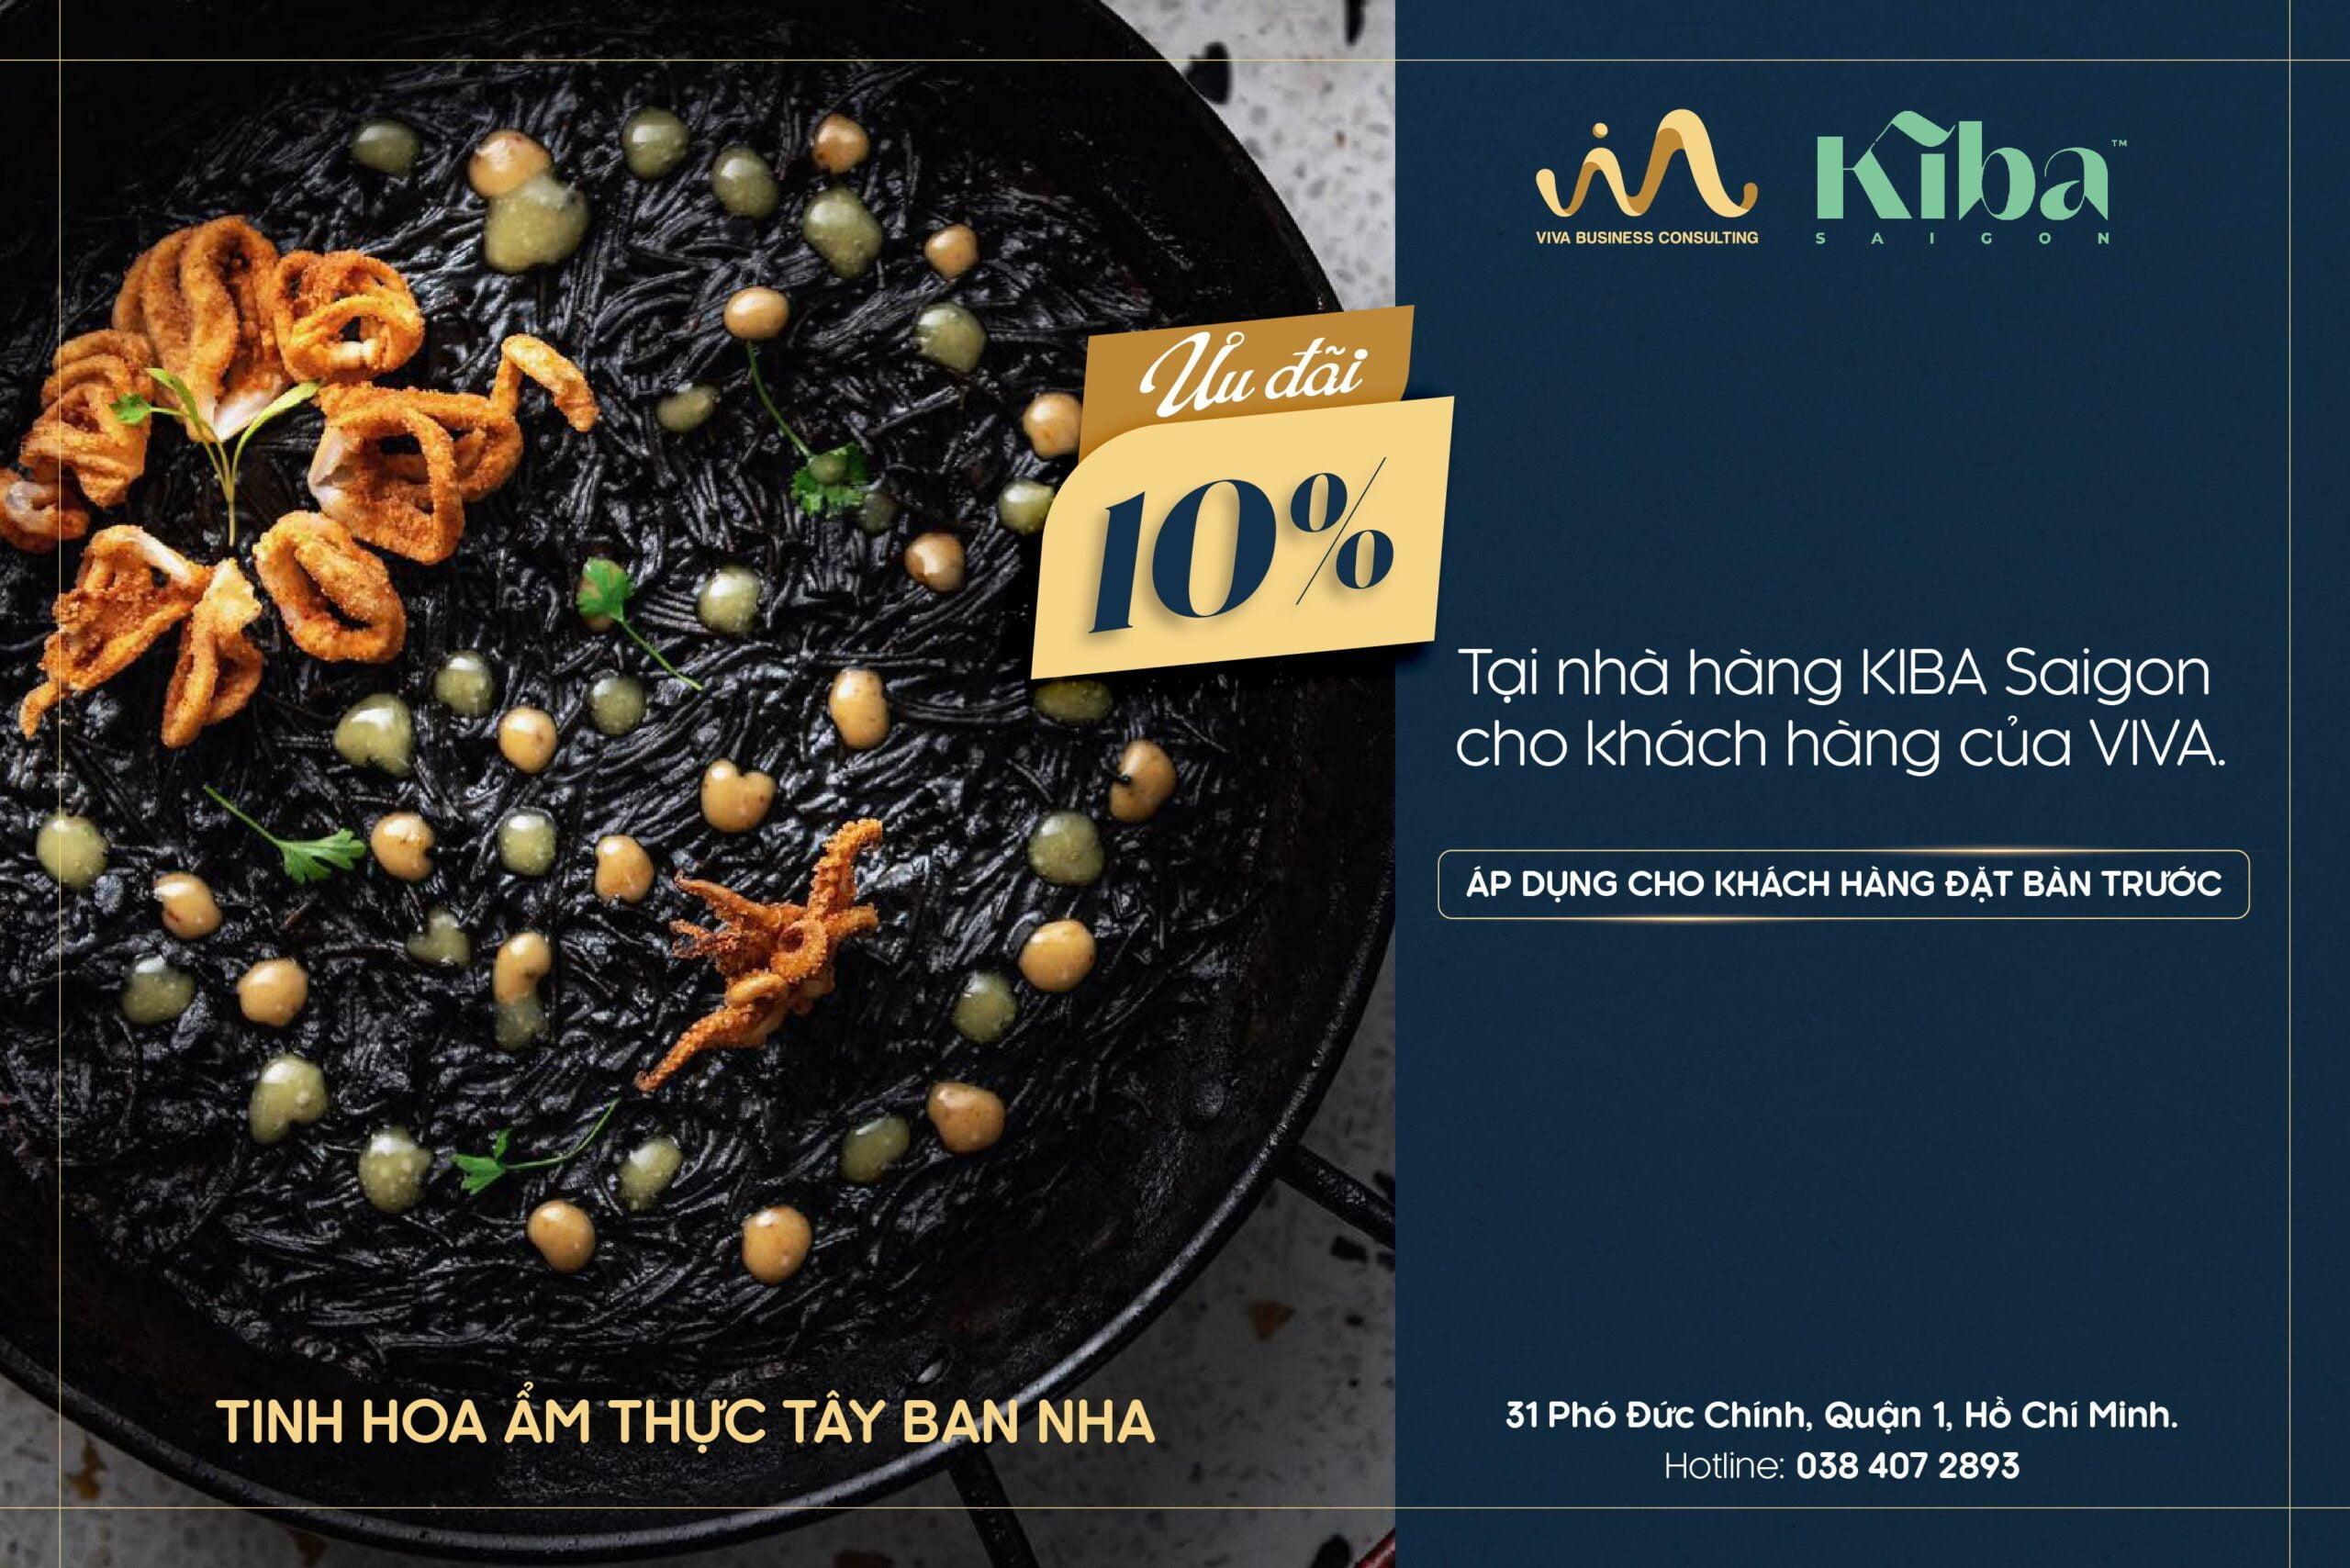 Ưu đãi từ nhà hàng Kiba Saigon cho khách hàng của VIVA